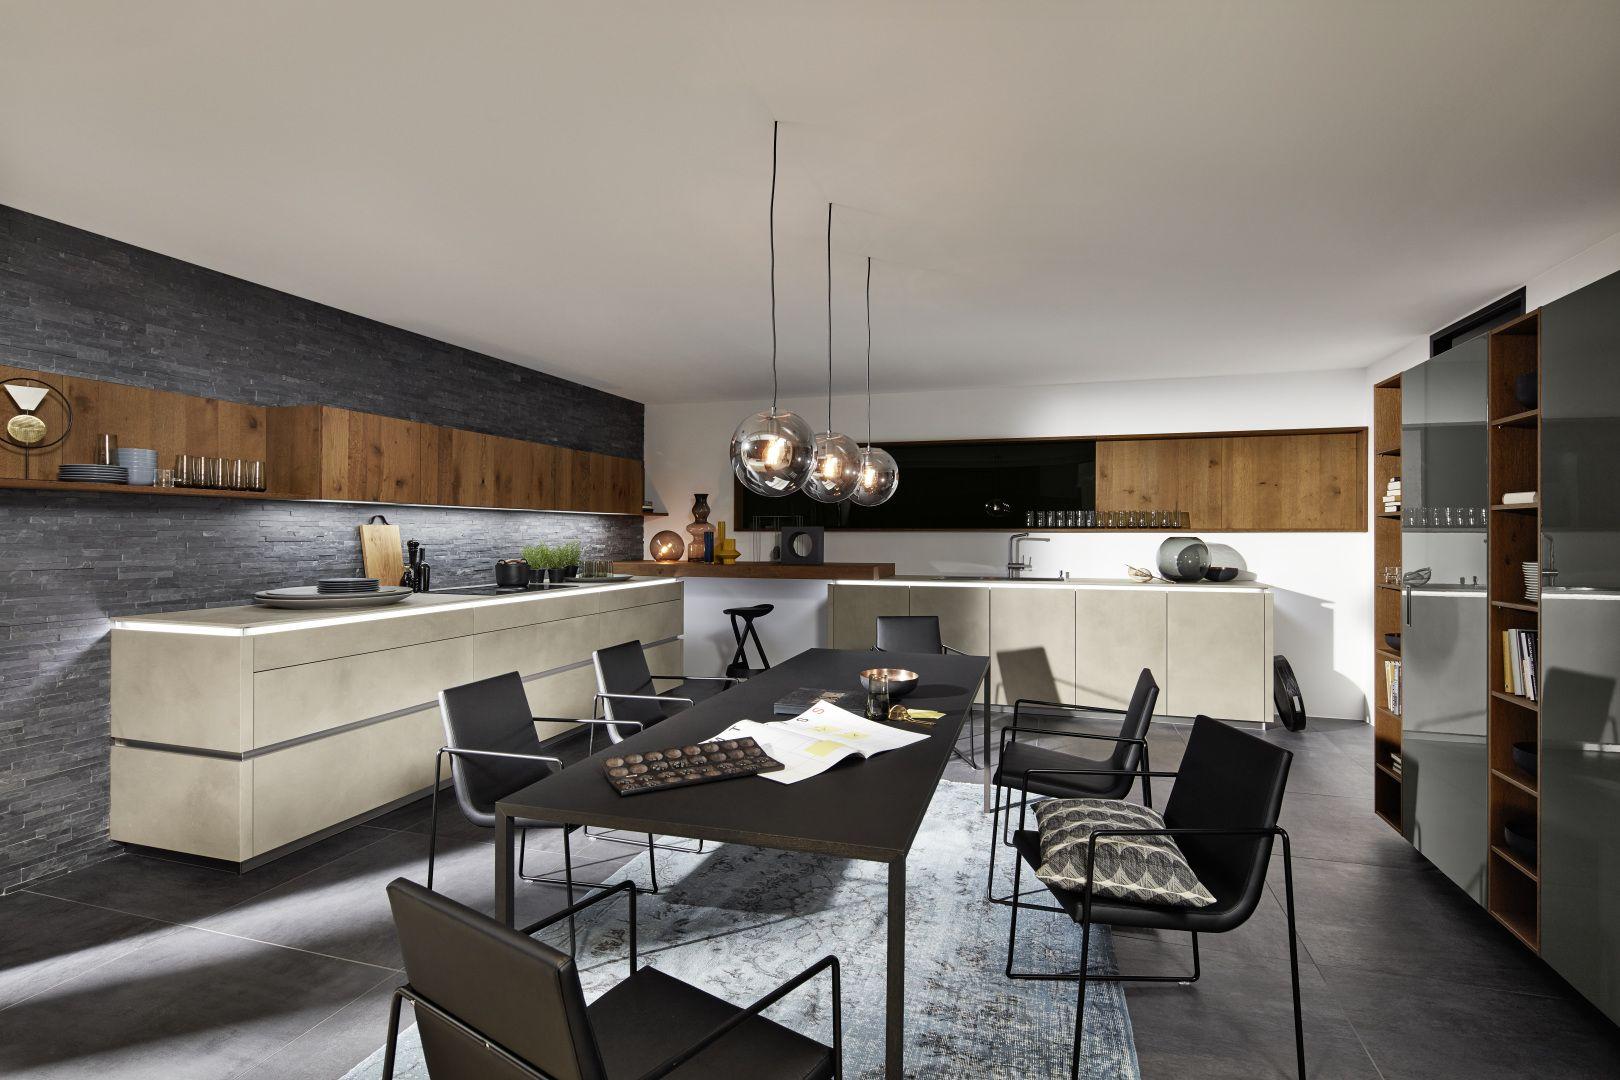 Charmant Moderne Küchen: Stilvoll, Innovativ | Nolte Kuechen.de